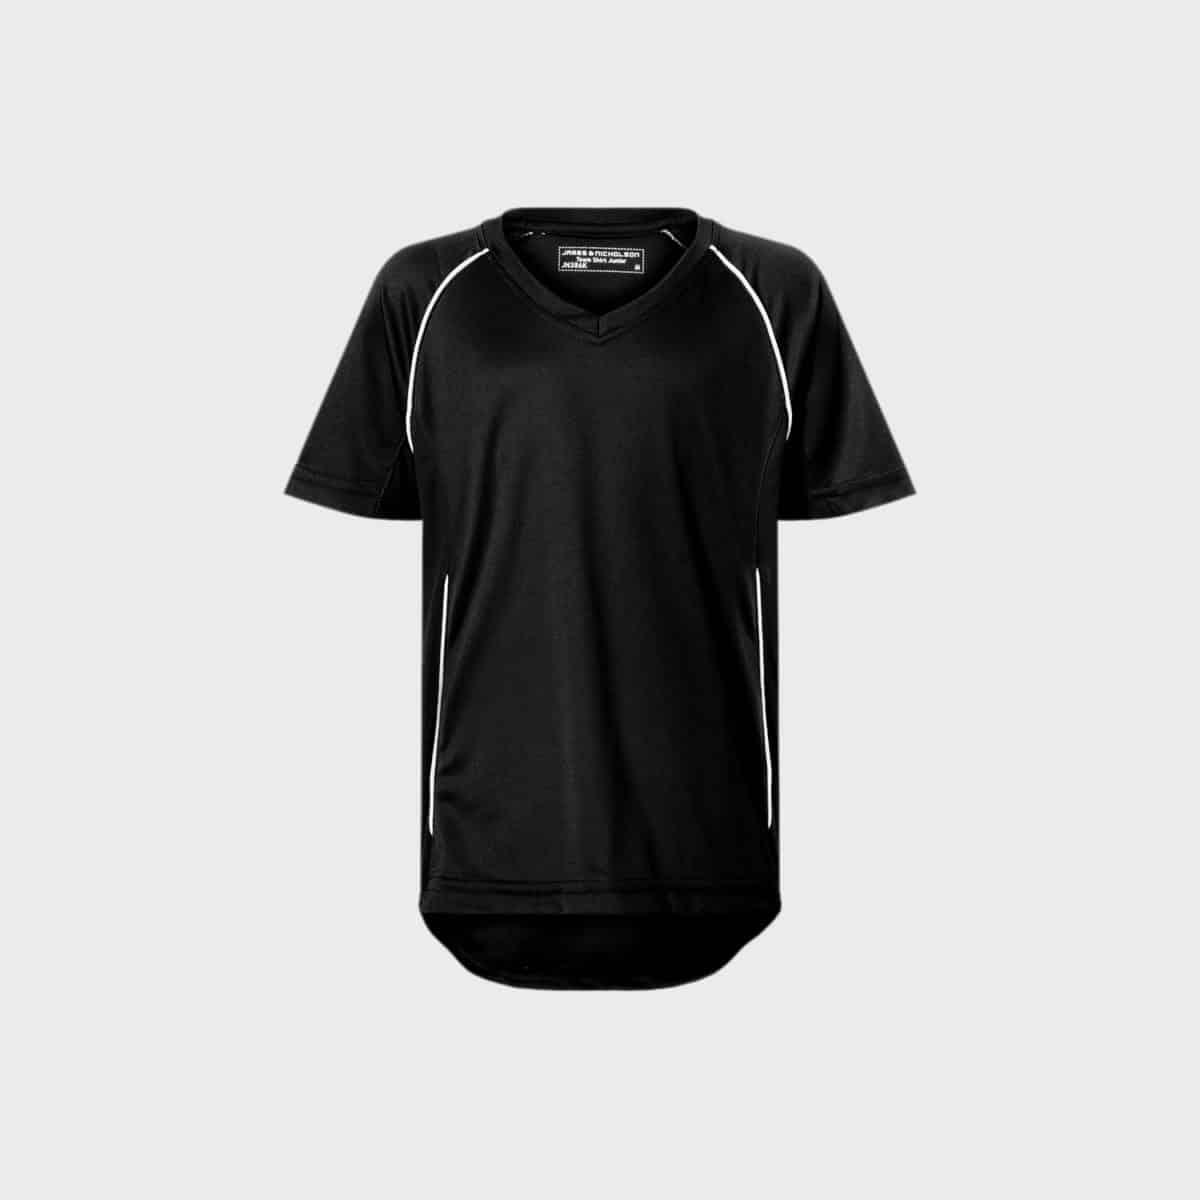 sportshirt-mannschafts-t-shirt-unisex-black-white-kaufen-besticken_stickmanufaktur